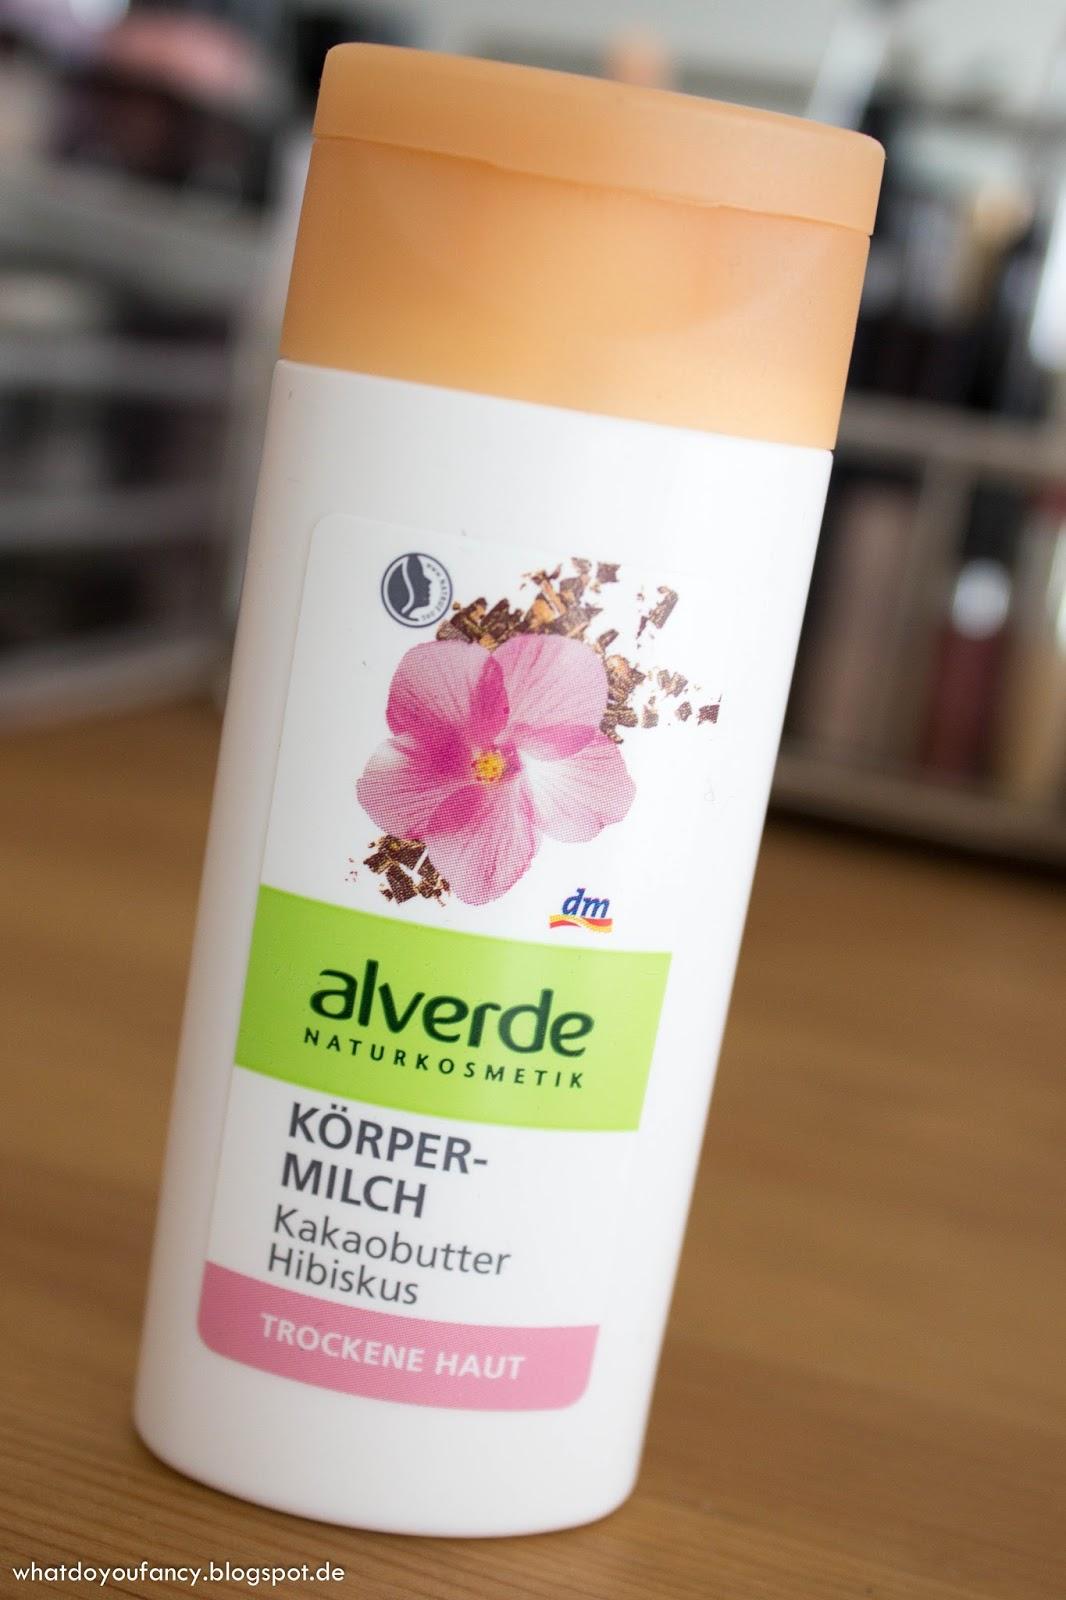 alverde Körpermilch, 50 ml, lag als Extra dabei